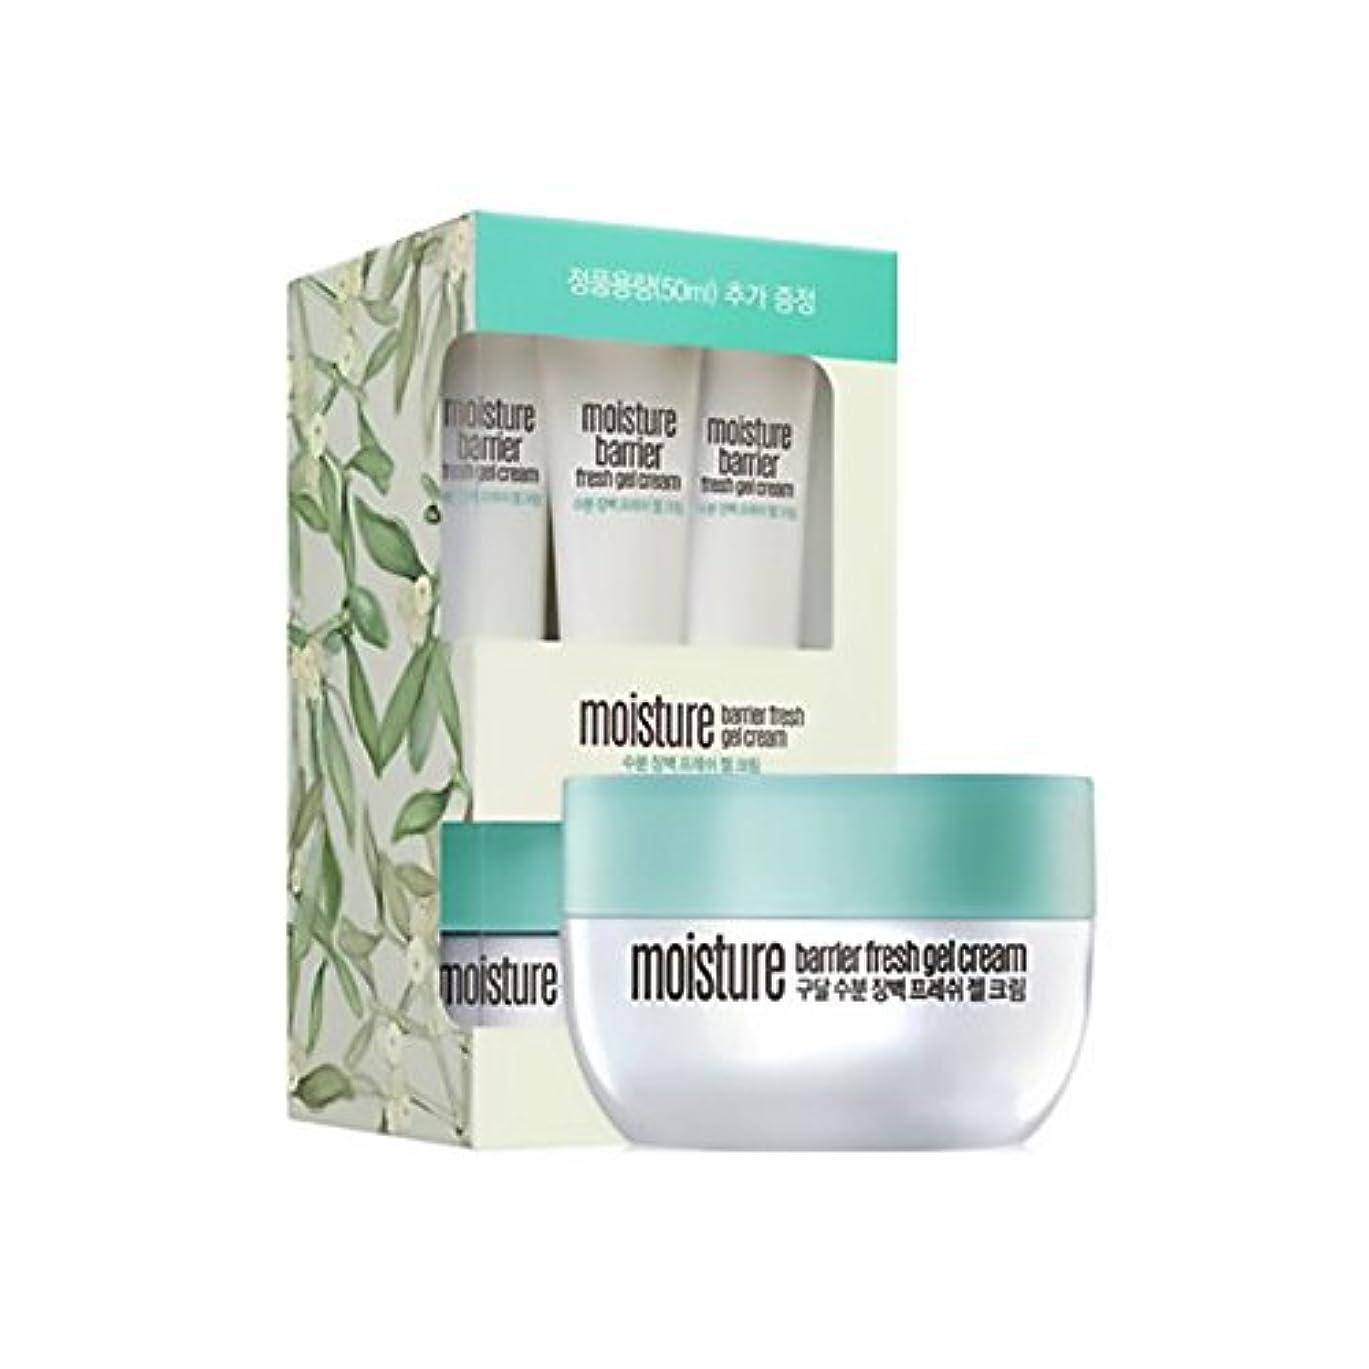 鮮やかな正当な拷問goodal moisture barrier fresh gel cream set